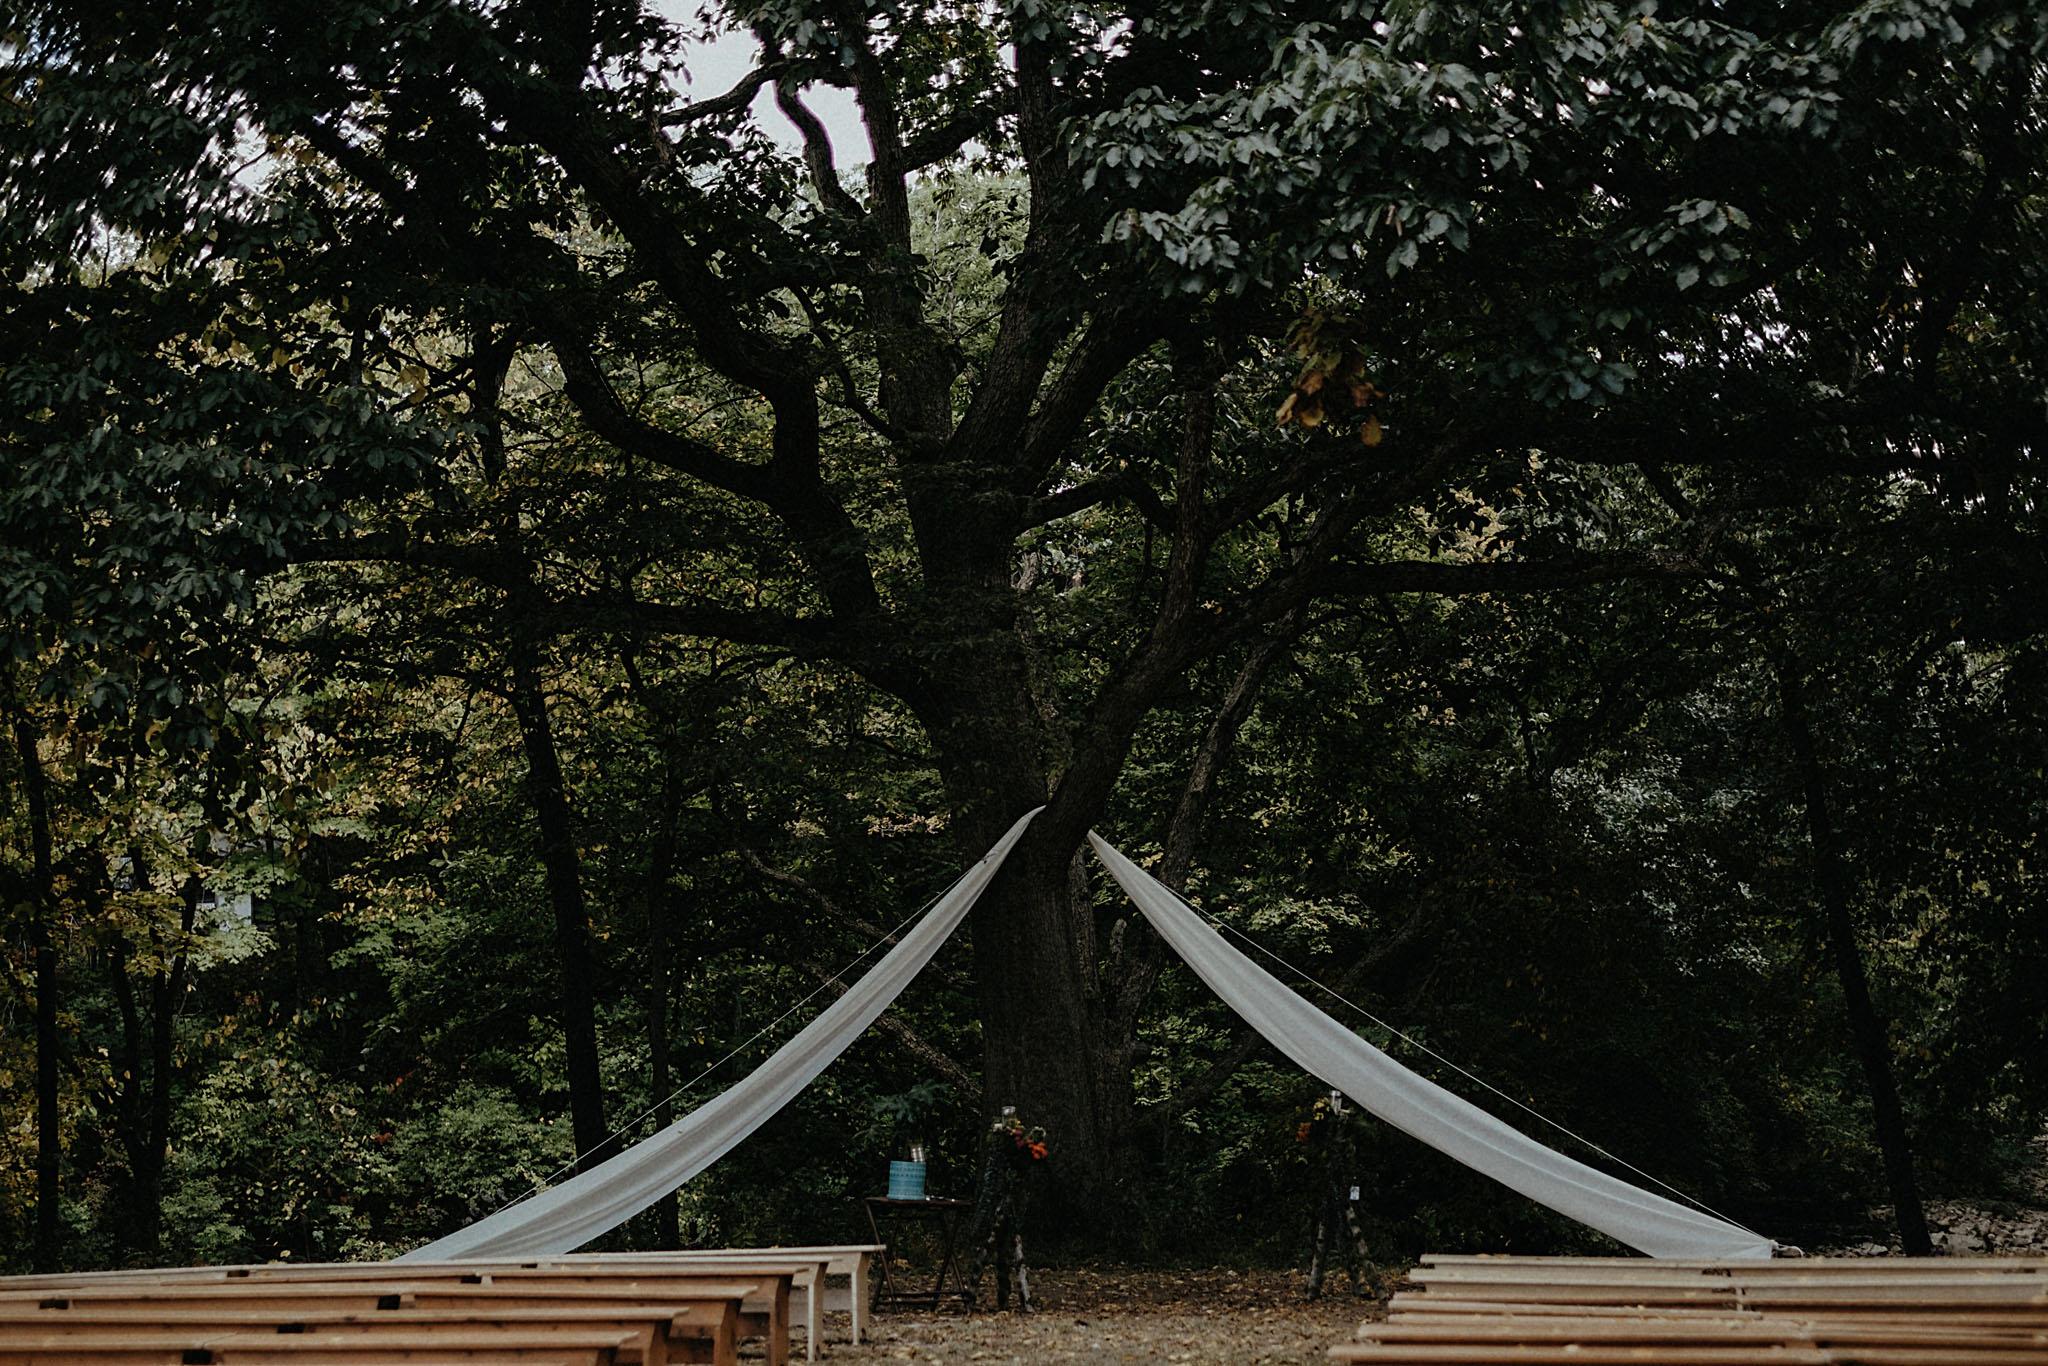 Meghan-Dani-Camp-Wedding-15.jpg